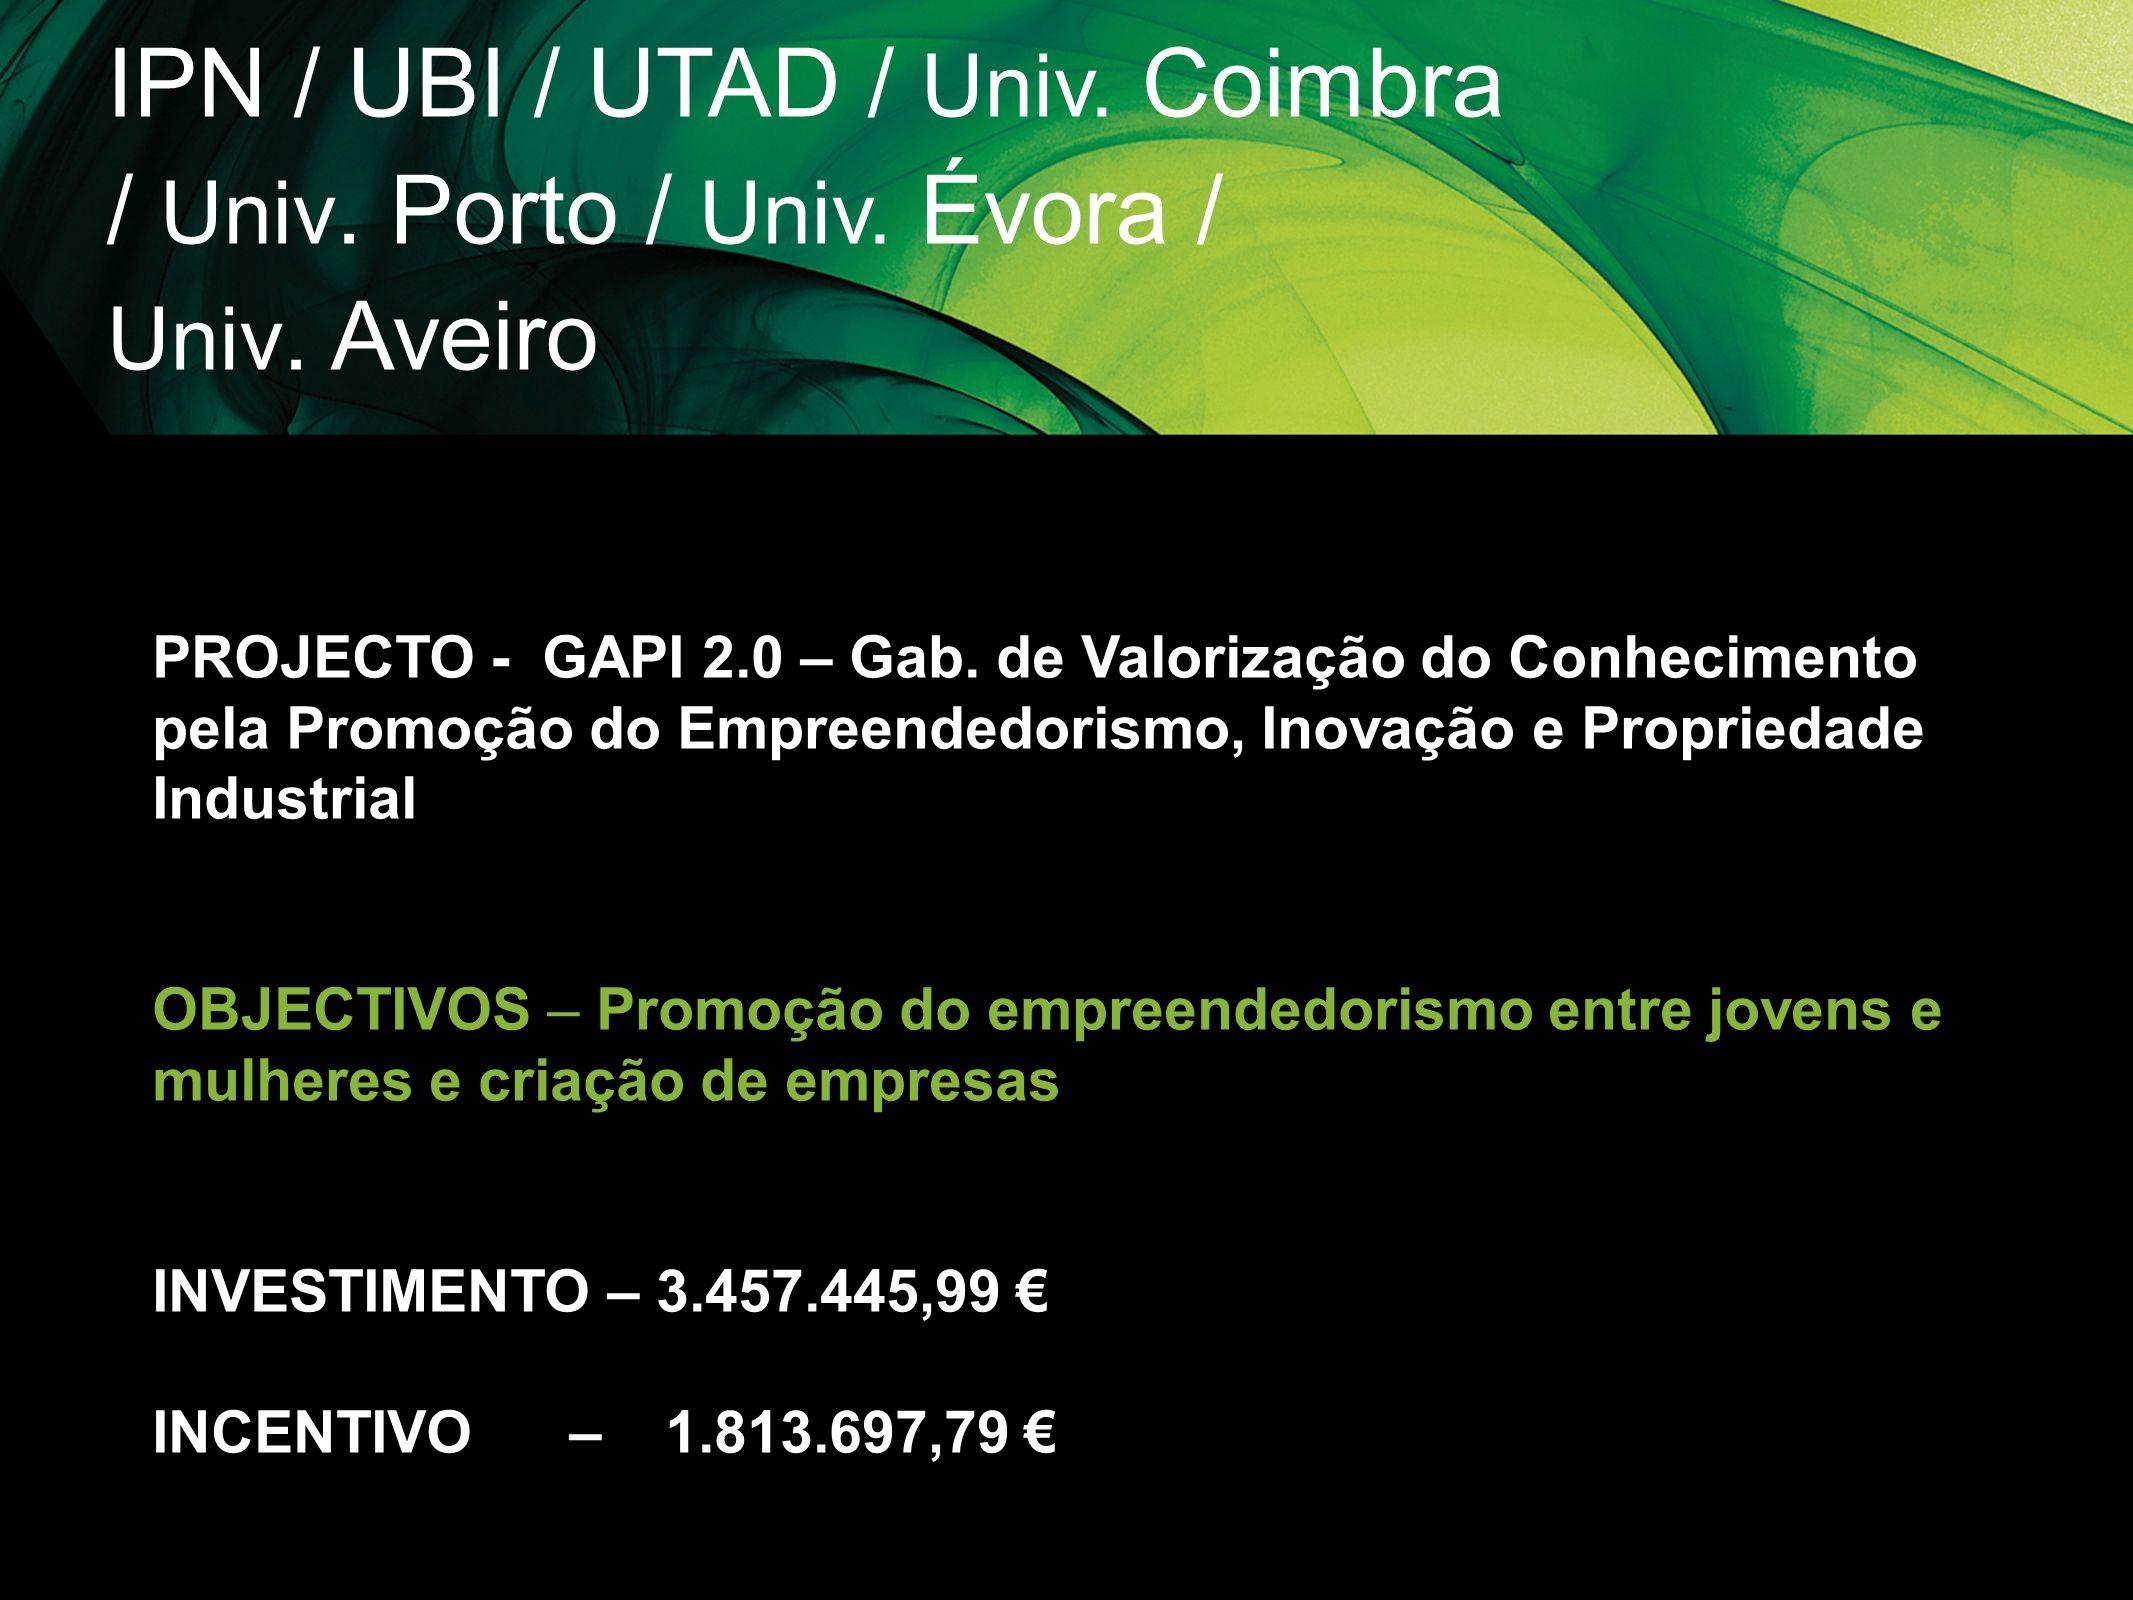 IPN / UBI / UTAD / Univ. Coimbra / Univ. Porto / Univ. Évora / Univ. Aveiro PROJECTO - GAPI 2.0 – Gab. de Valorização do Conhecimento pela Promoção do